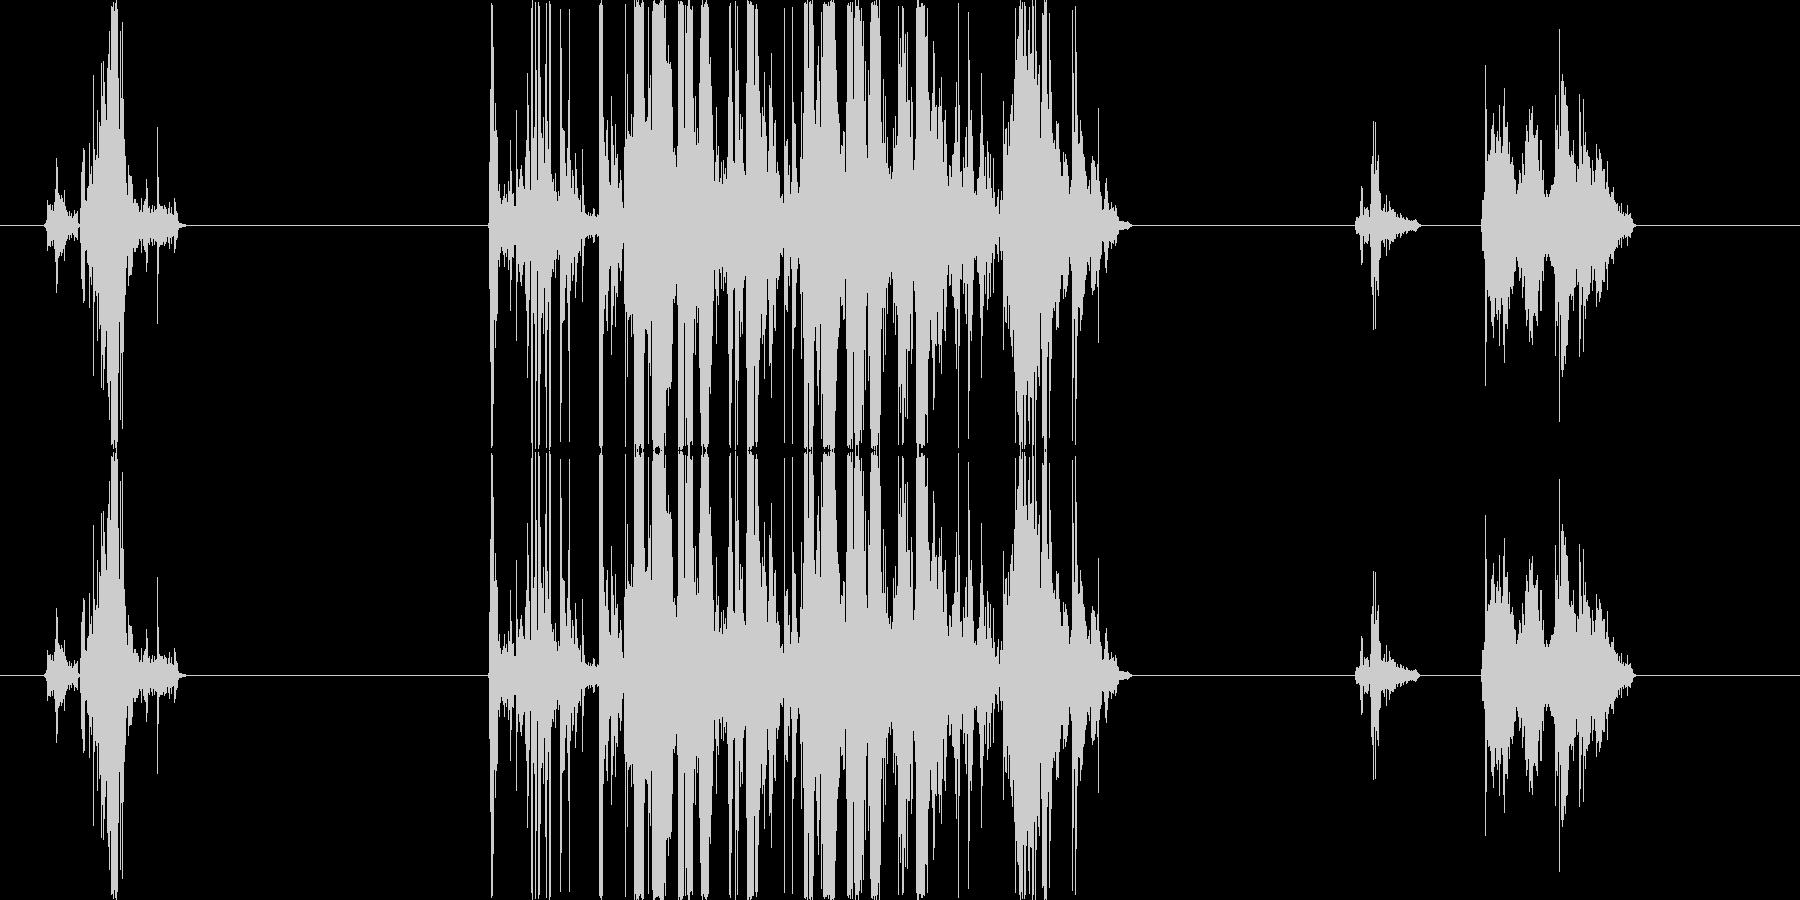 ガンさばきの音の未再生の波形